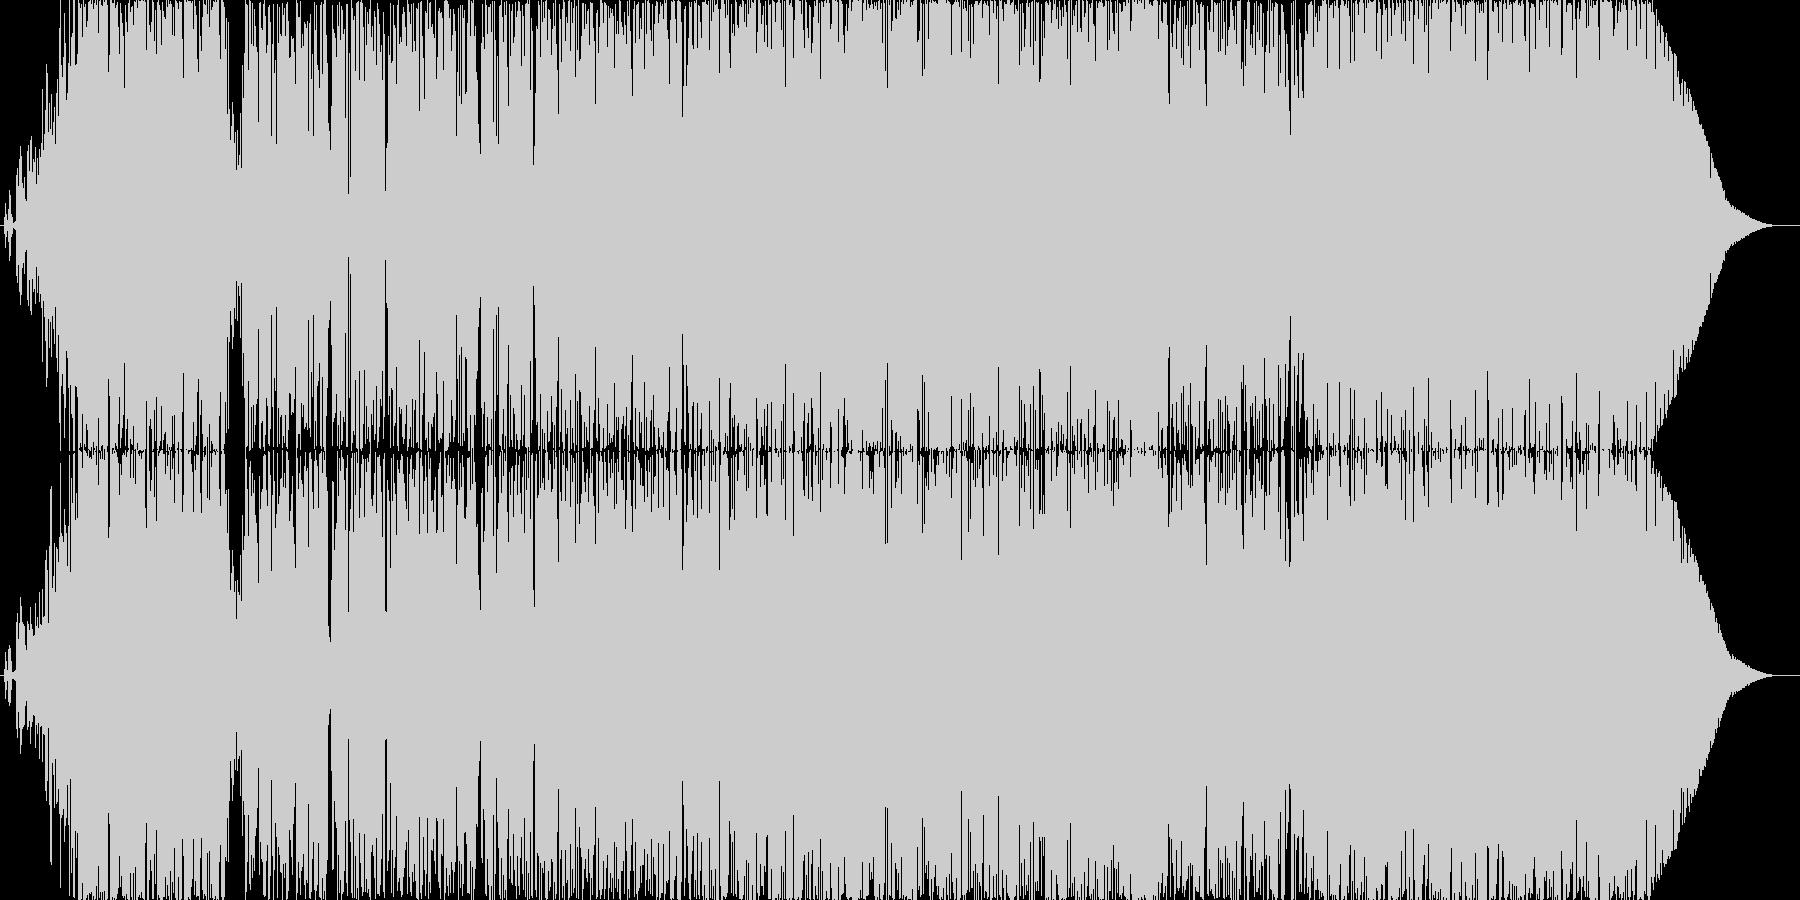 「体揺らすダンスポップなナンバー」の未再生の波形